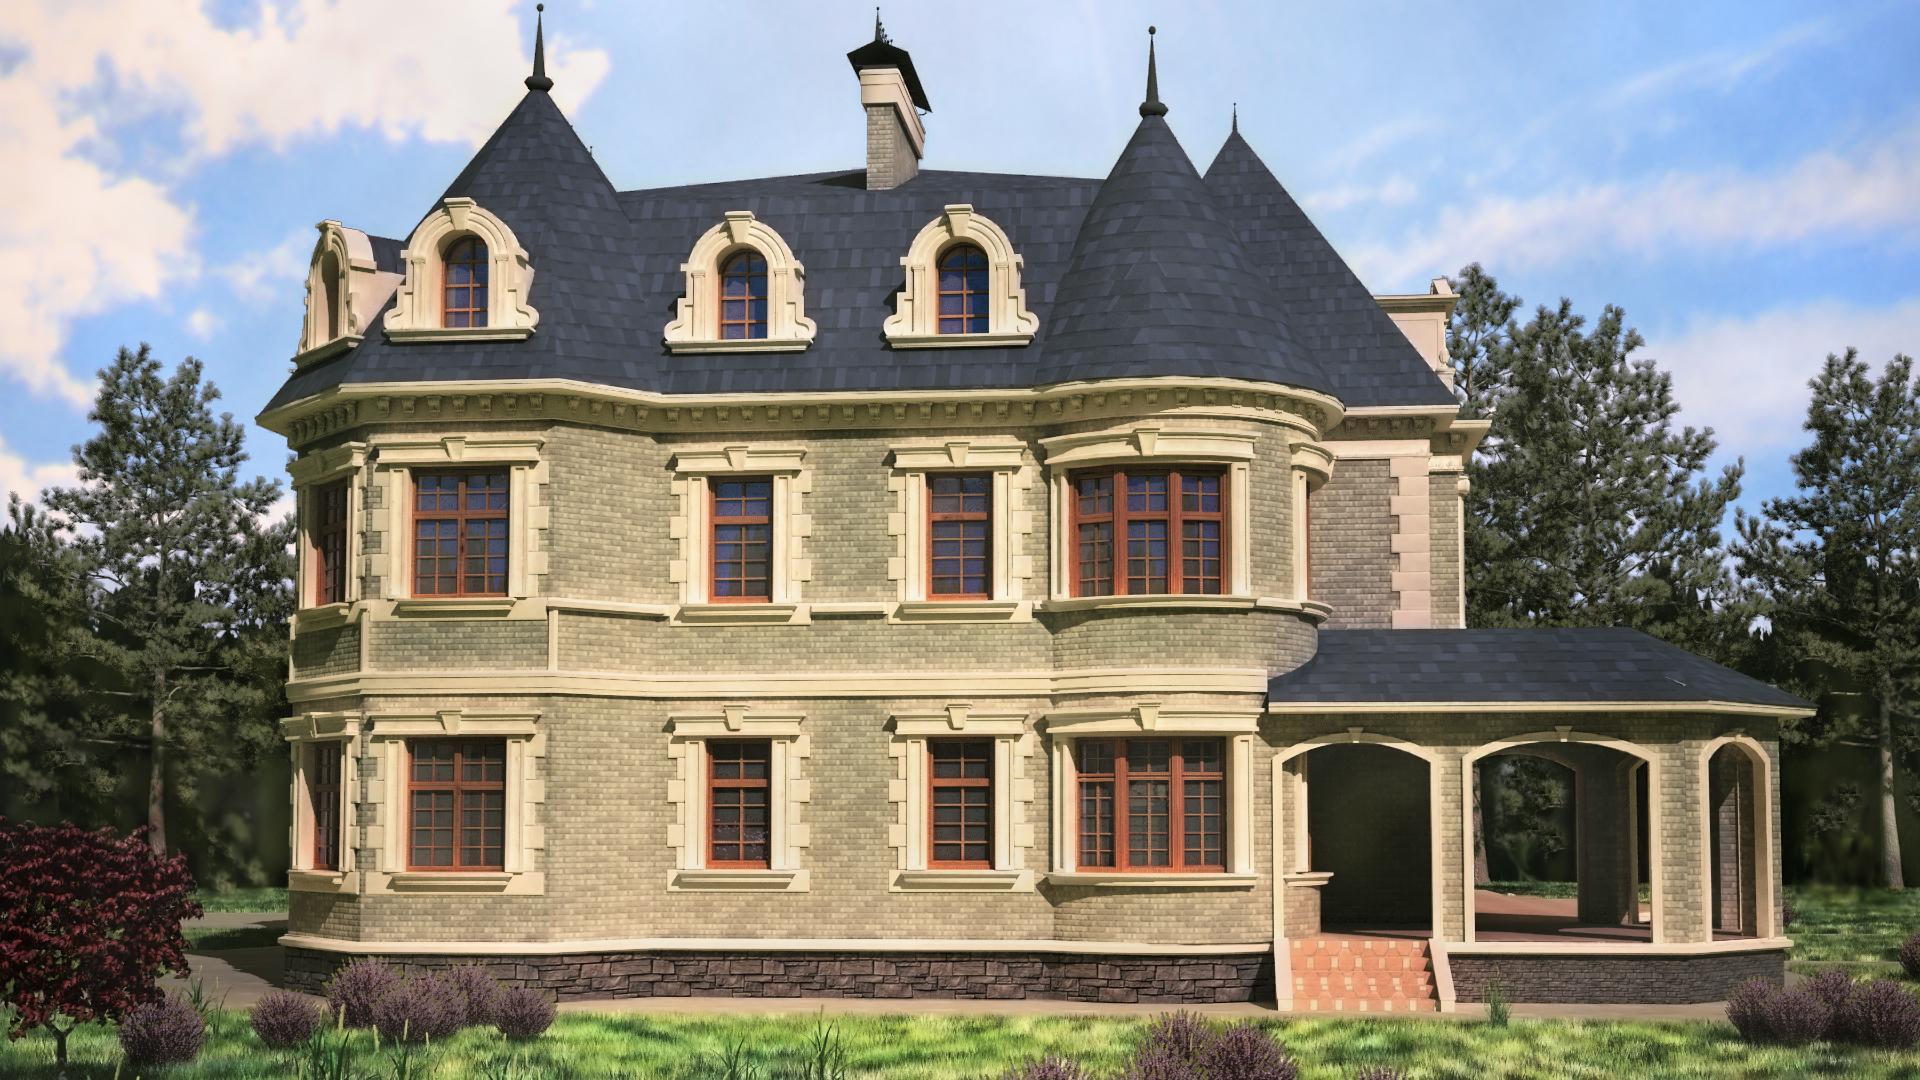 Коттедж в стиле французского замка, с окнами оформленными рустовыми камнями.